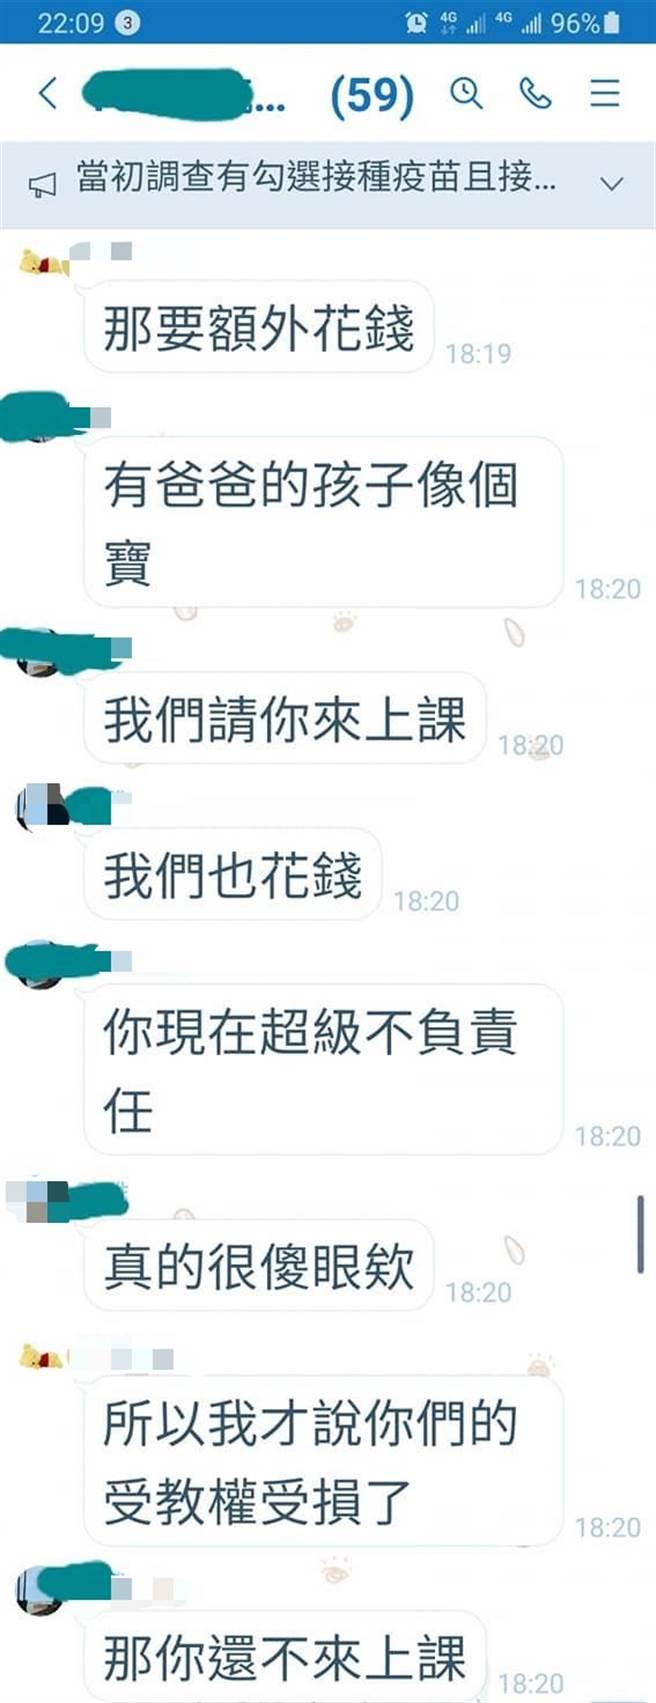 網友曝光和老師的對話。(圖擷取自爆料公社)